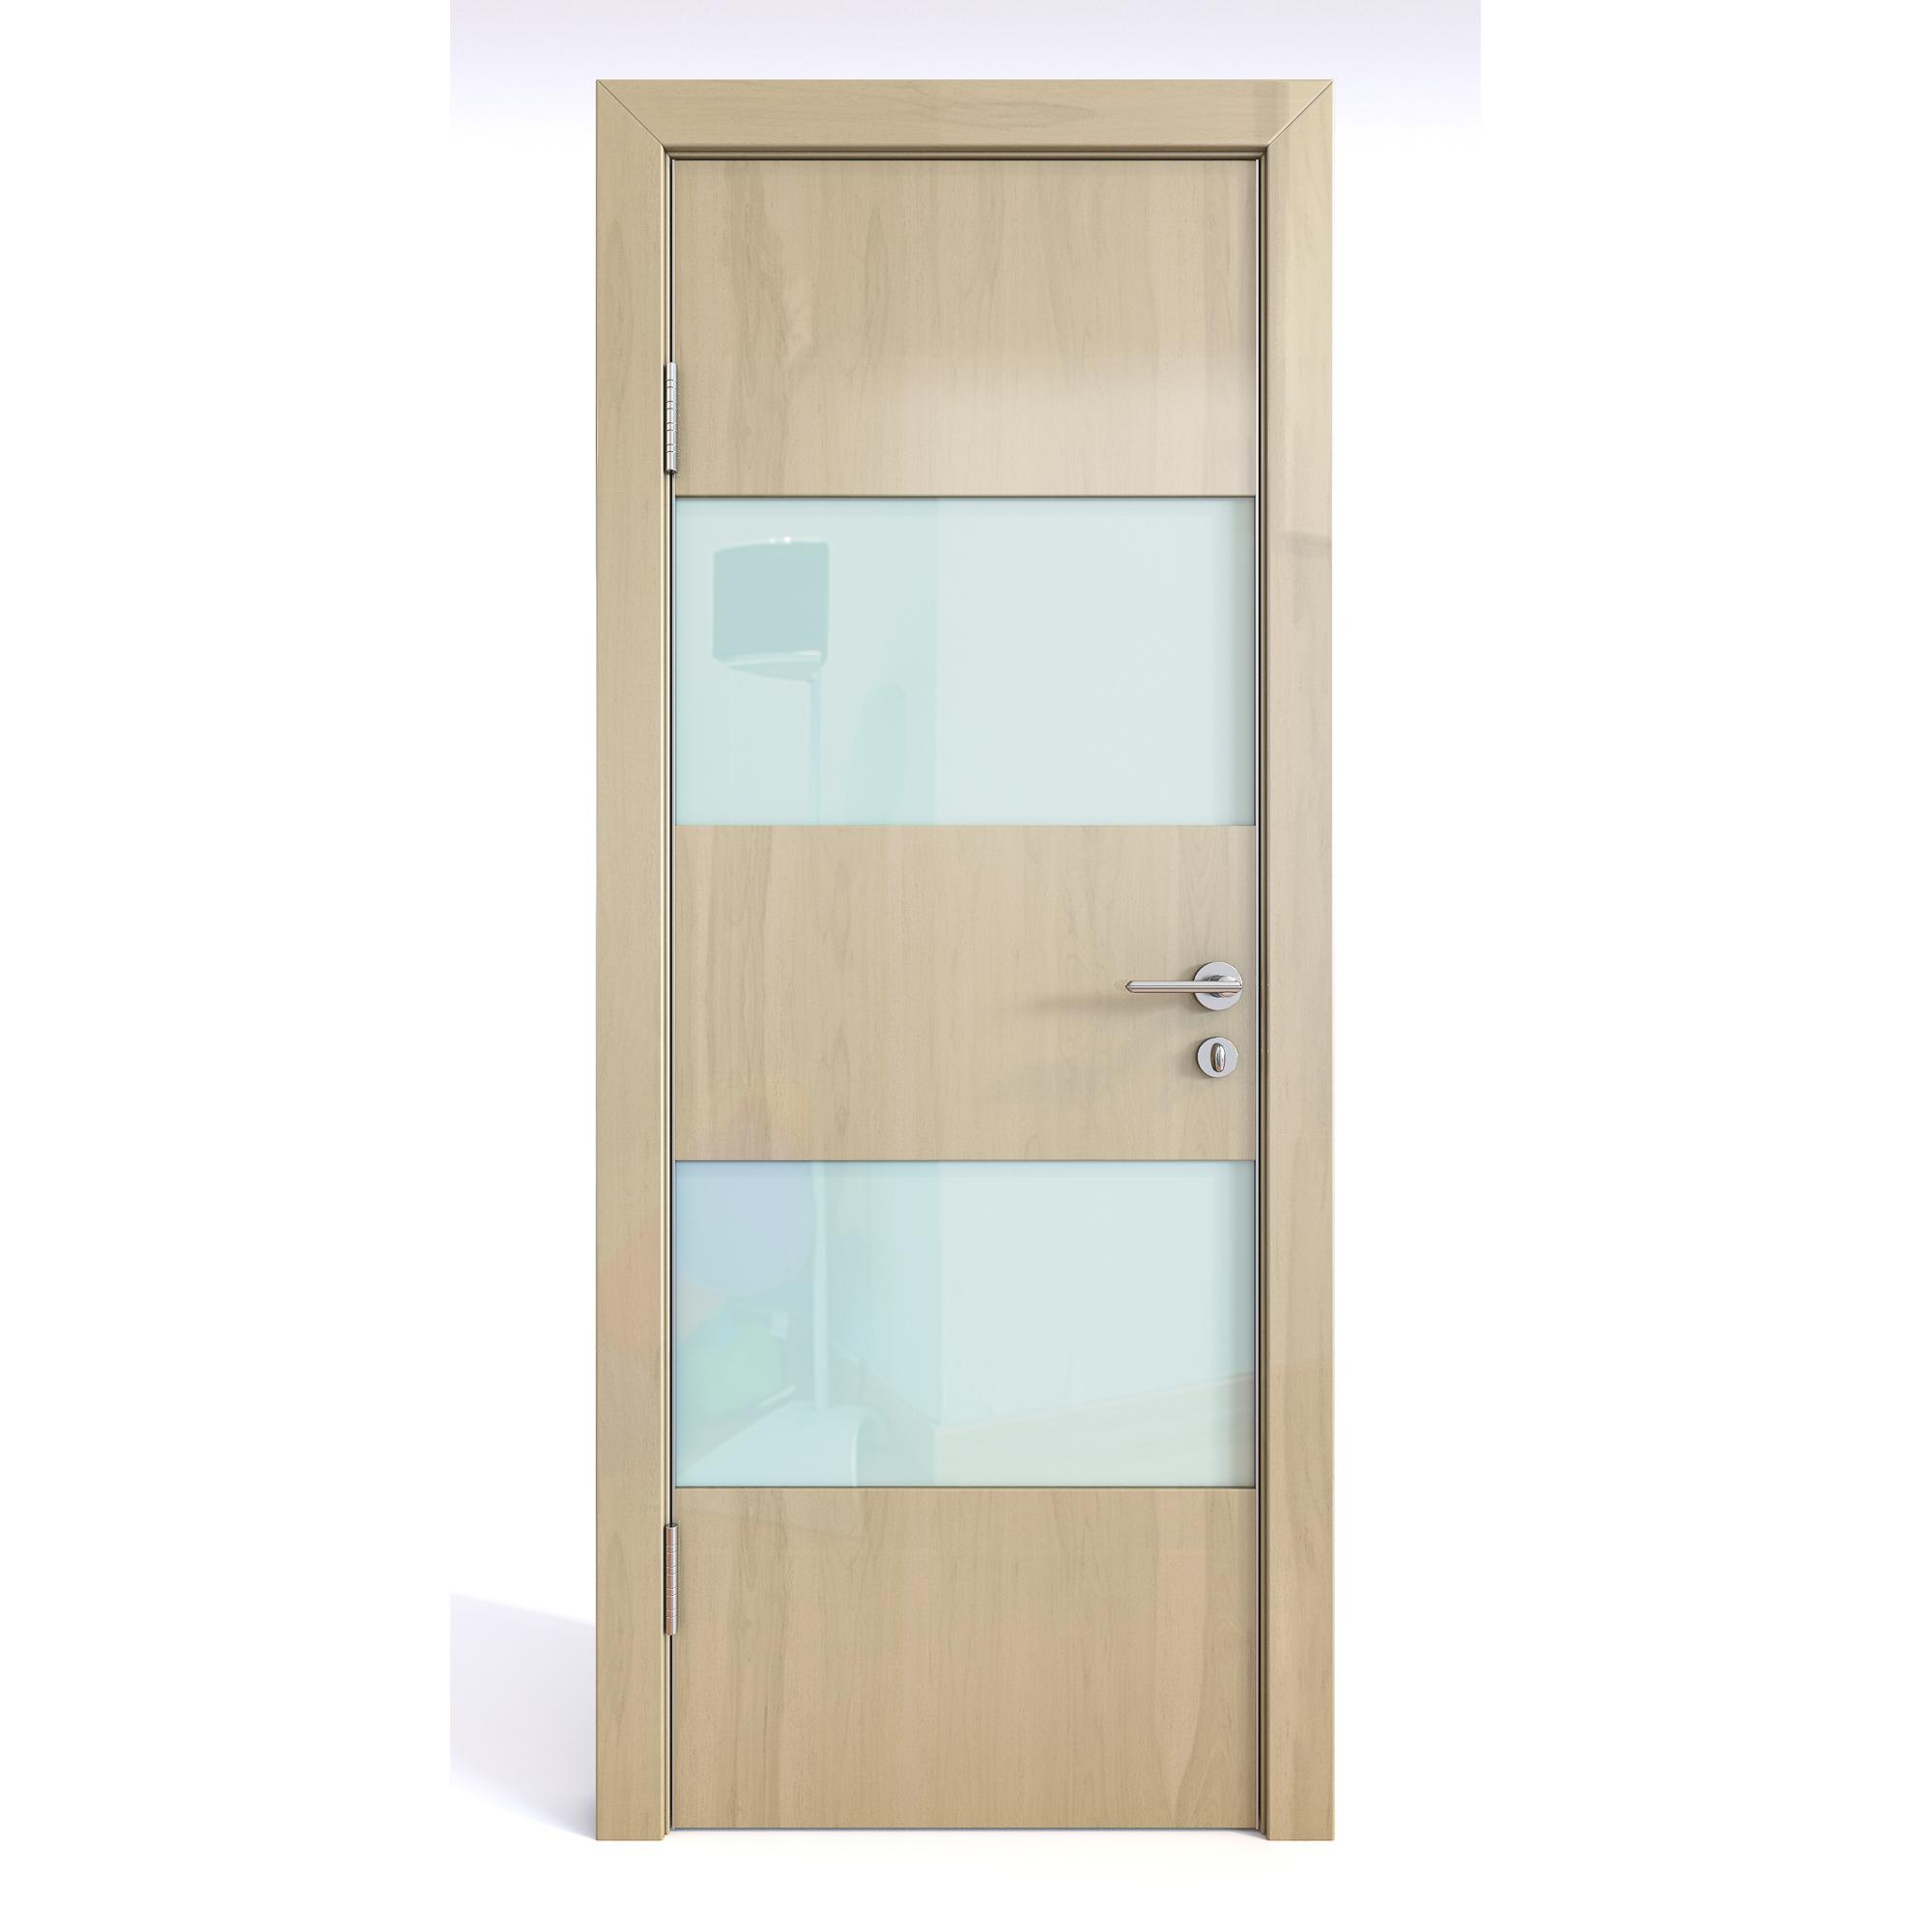 Межкомнатная дверь ДО-508/2 Анегри светлый глянец/белое 200х90 Дверная Линия фото